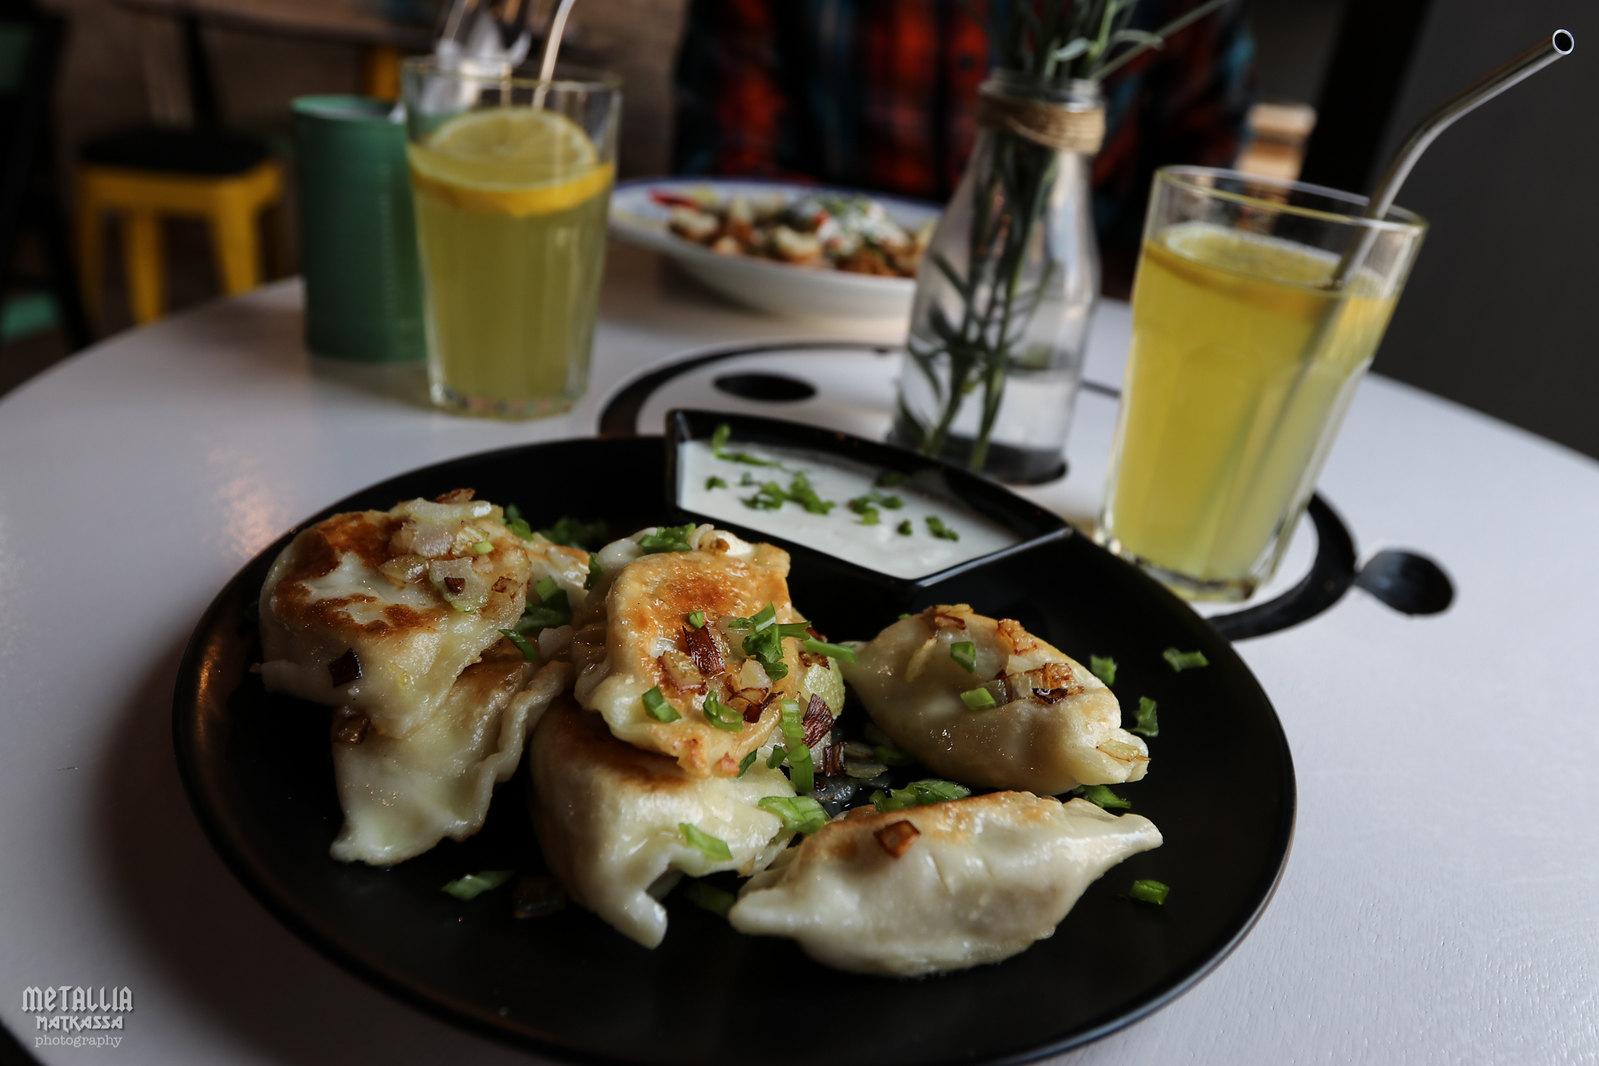 vegaaninen ravintola gdansk, gdanskin ravintolat, ravintolasuosituksia gdanskiin, kasvissyöjänä puolassa, lemmikkiystävällinen ravintola, vegan port gdansk